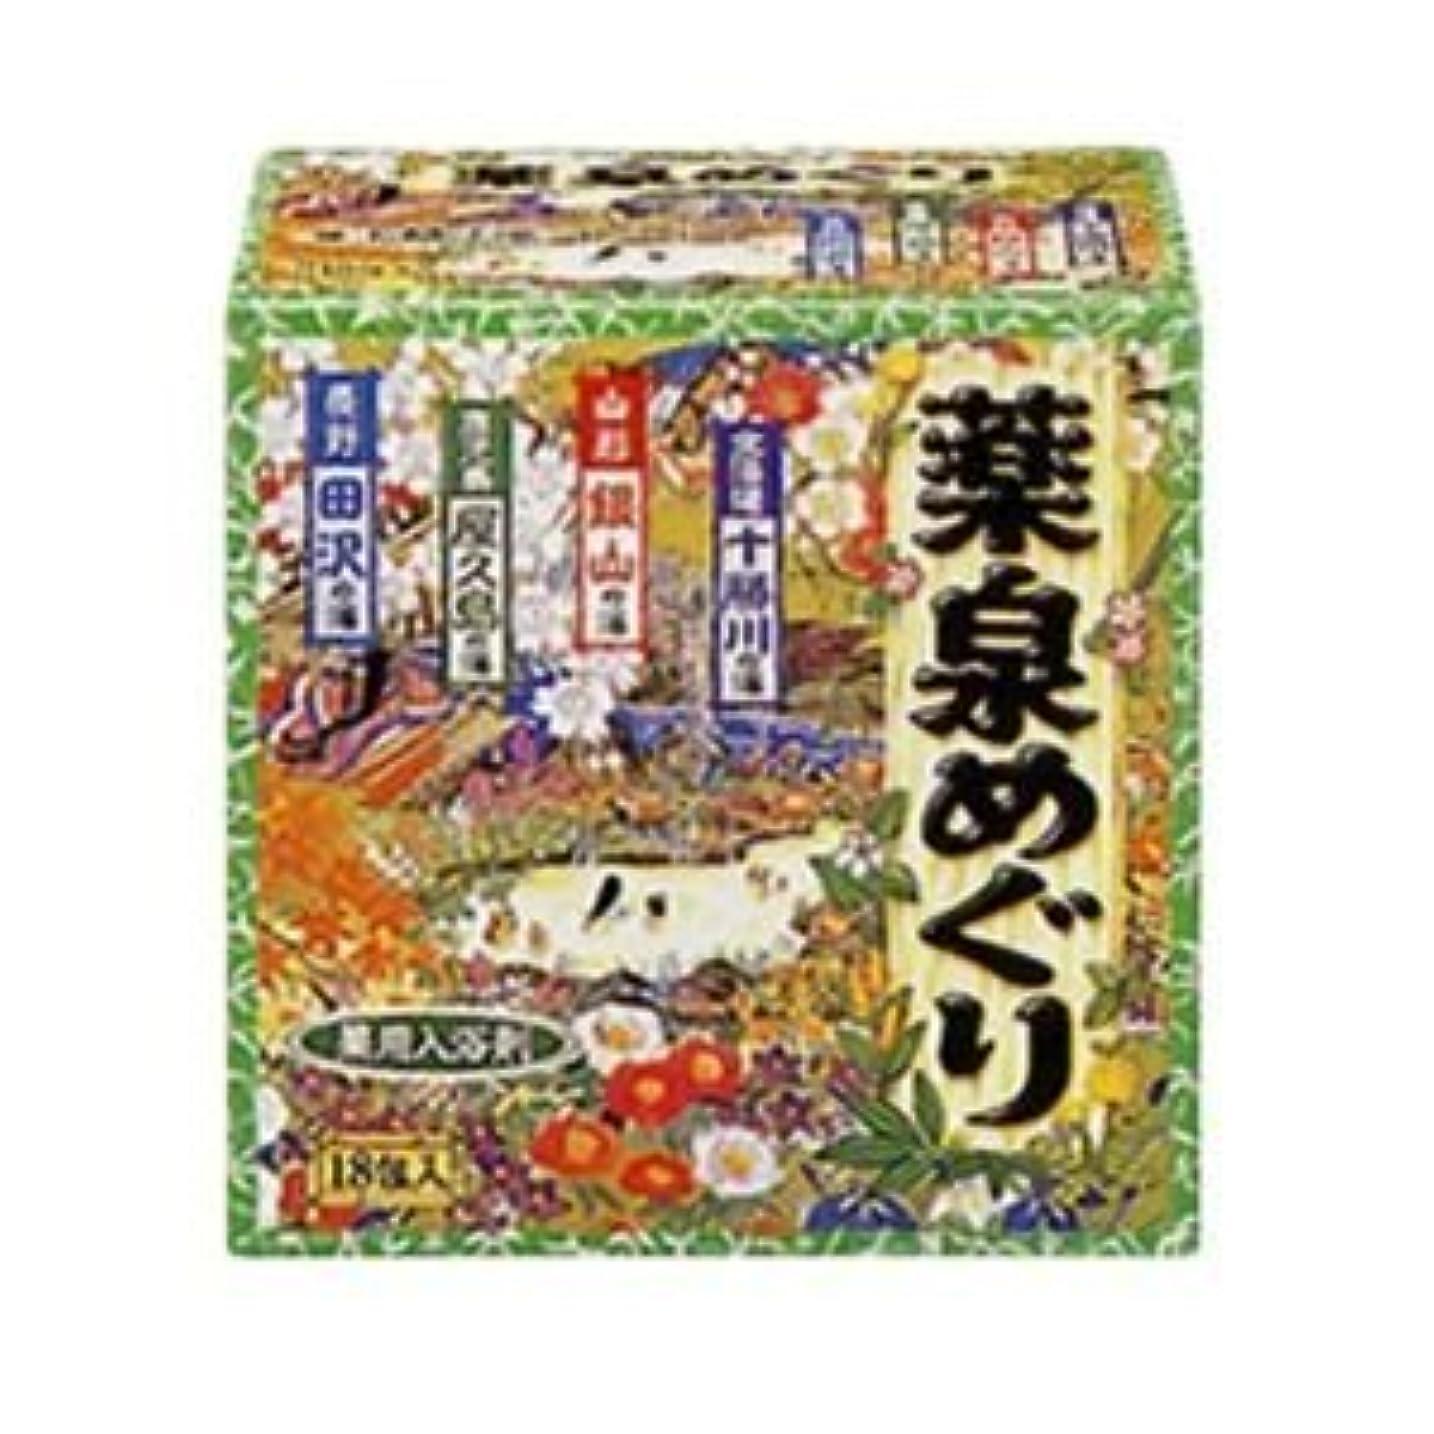 海藻ジャム商標薬泉めぐり(入浴剤) 8セット